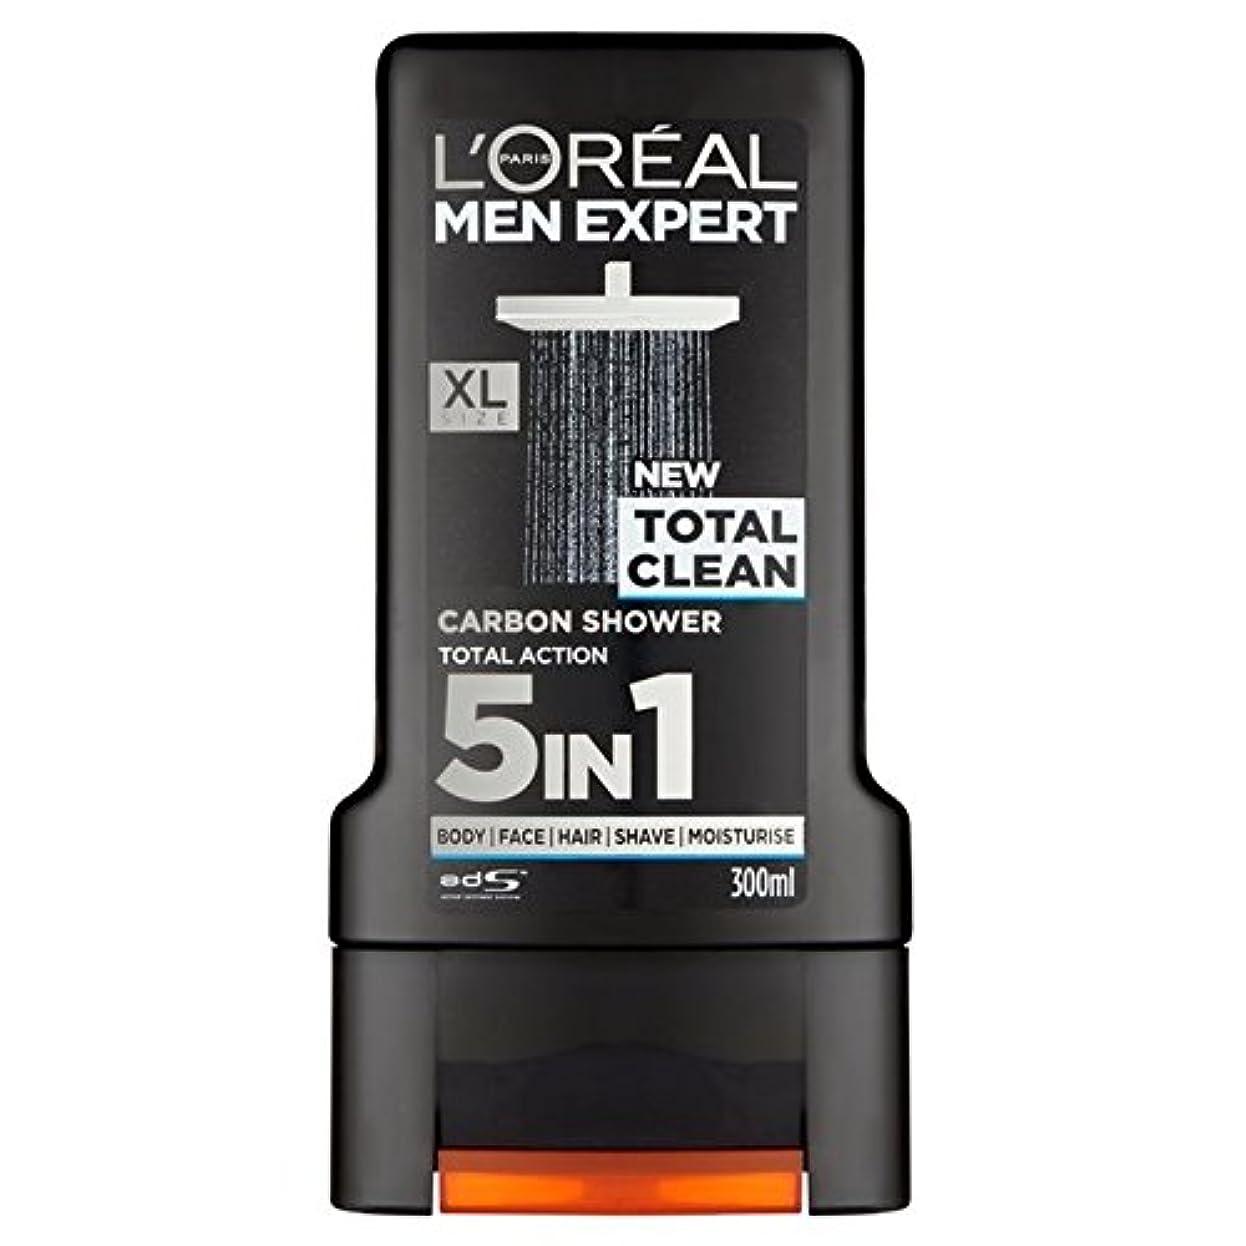 予測イースター観察ロレアルパリのメンズ専門トータルクリーンシャワージェル300ミリリットル x2 - L'Oreal Paris Men Expert Total Clean Shower Gel 300ml (Pack of 2) [並行輸入品]